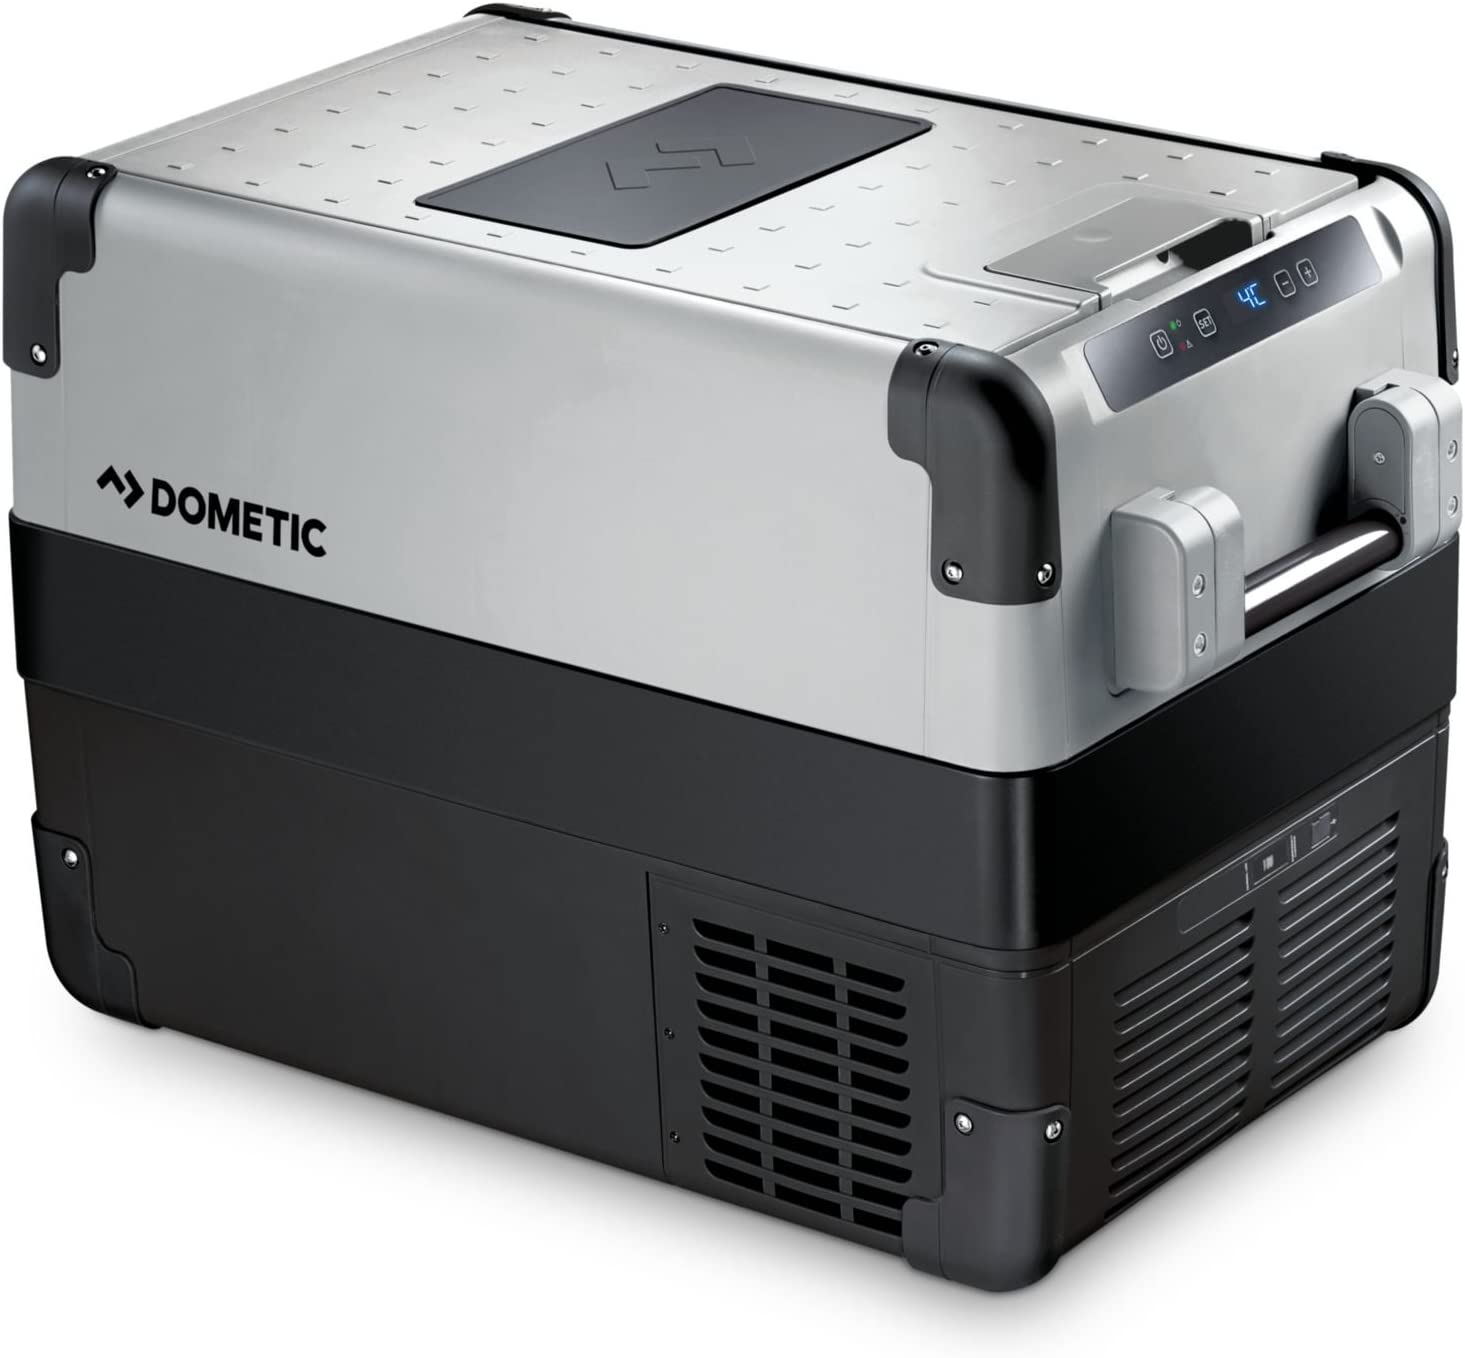 Dometic CoolFreeze CFX 40W - Nevera portátil de compresor, conexiones 12 / 24 / 230 V, 38 litros de capacidad, clasificación energética A++, capacidad de enfriamiento de +10ºC a -22ºC